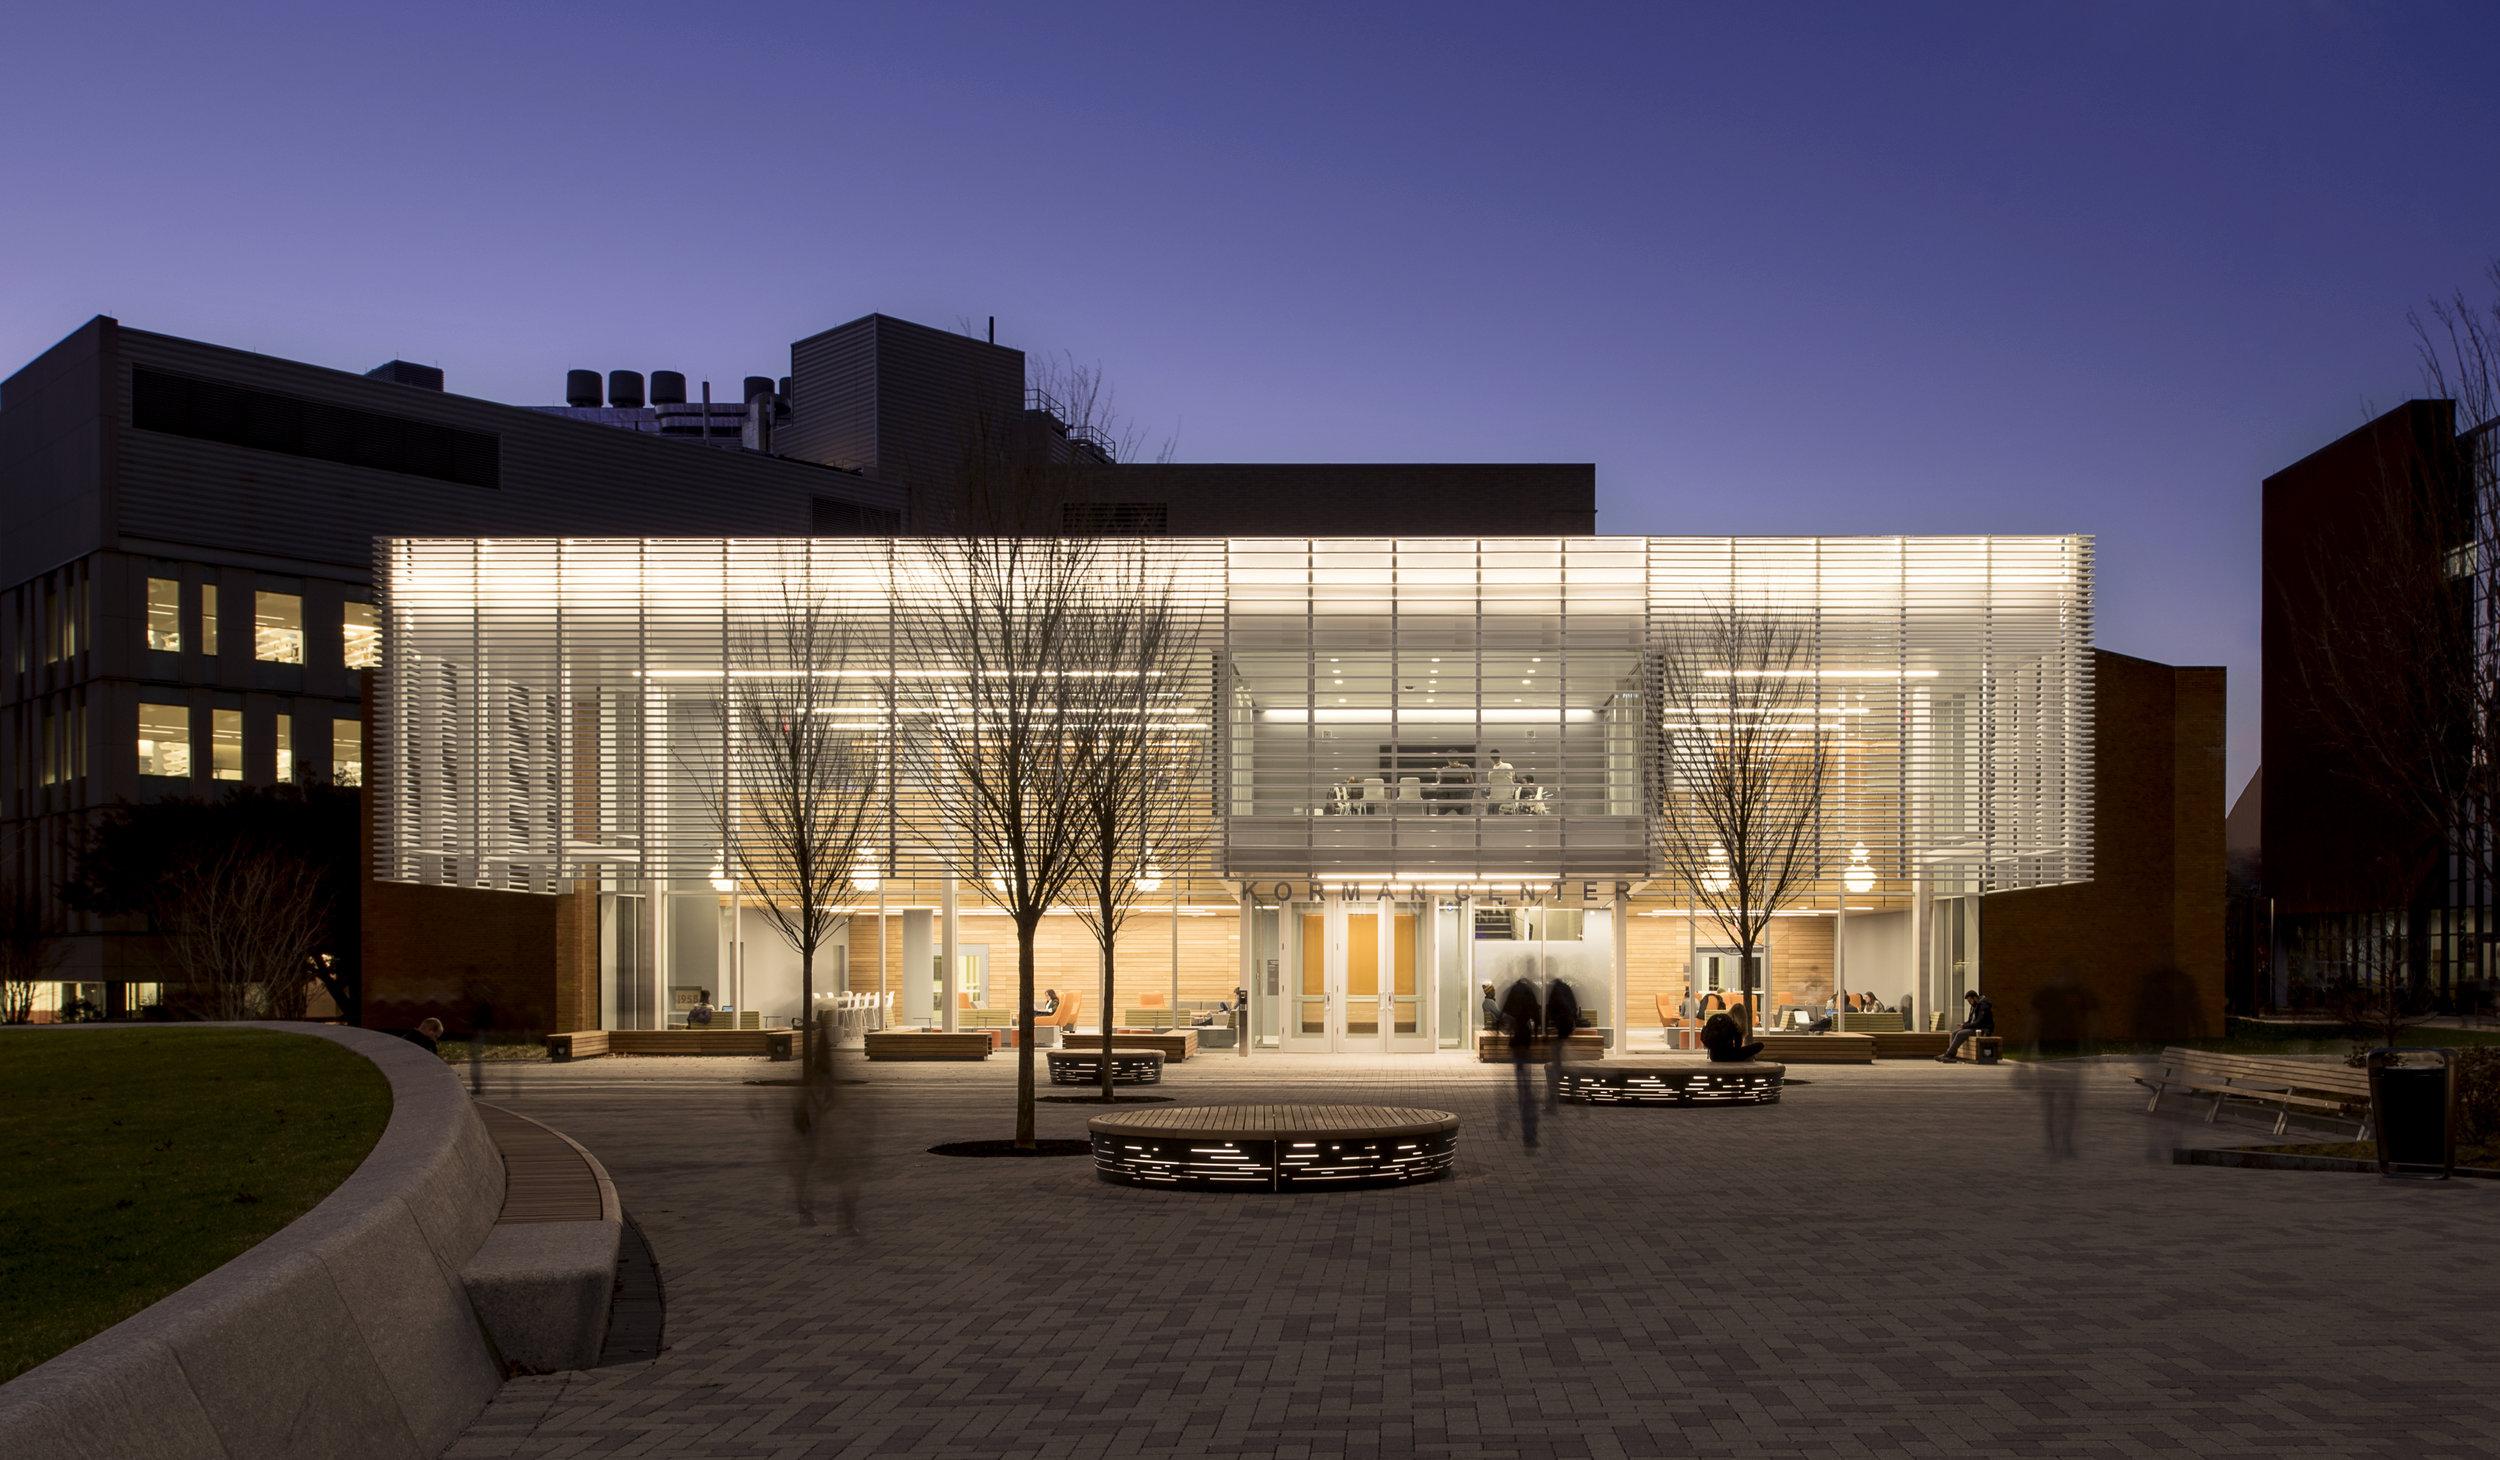 Korman Center, Drexel University